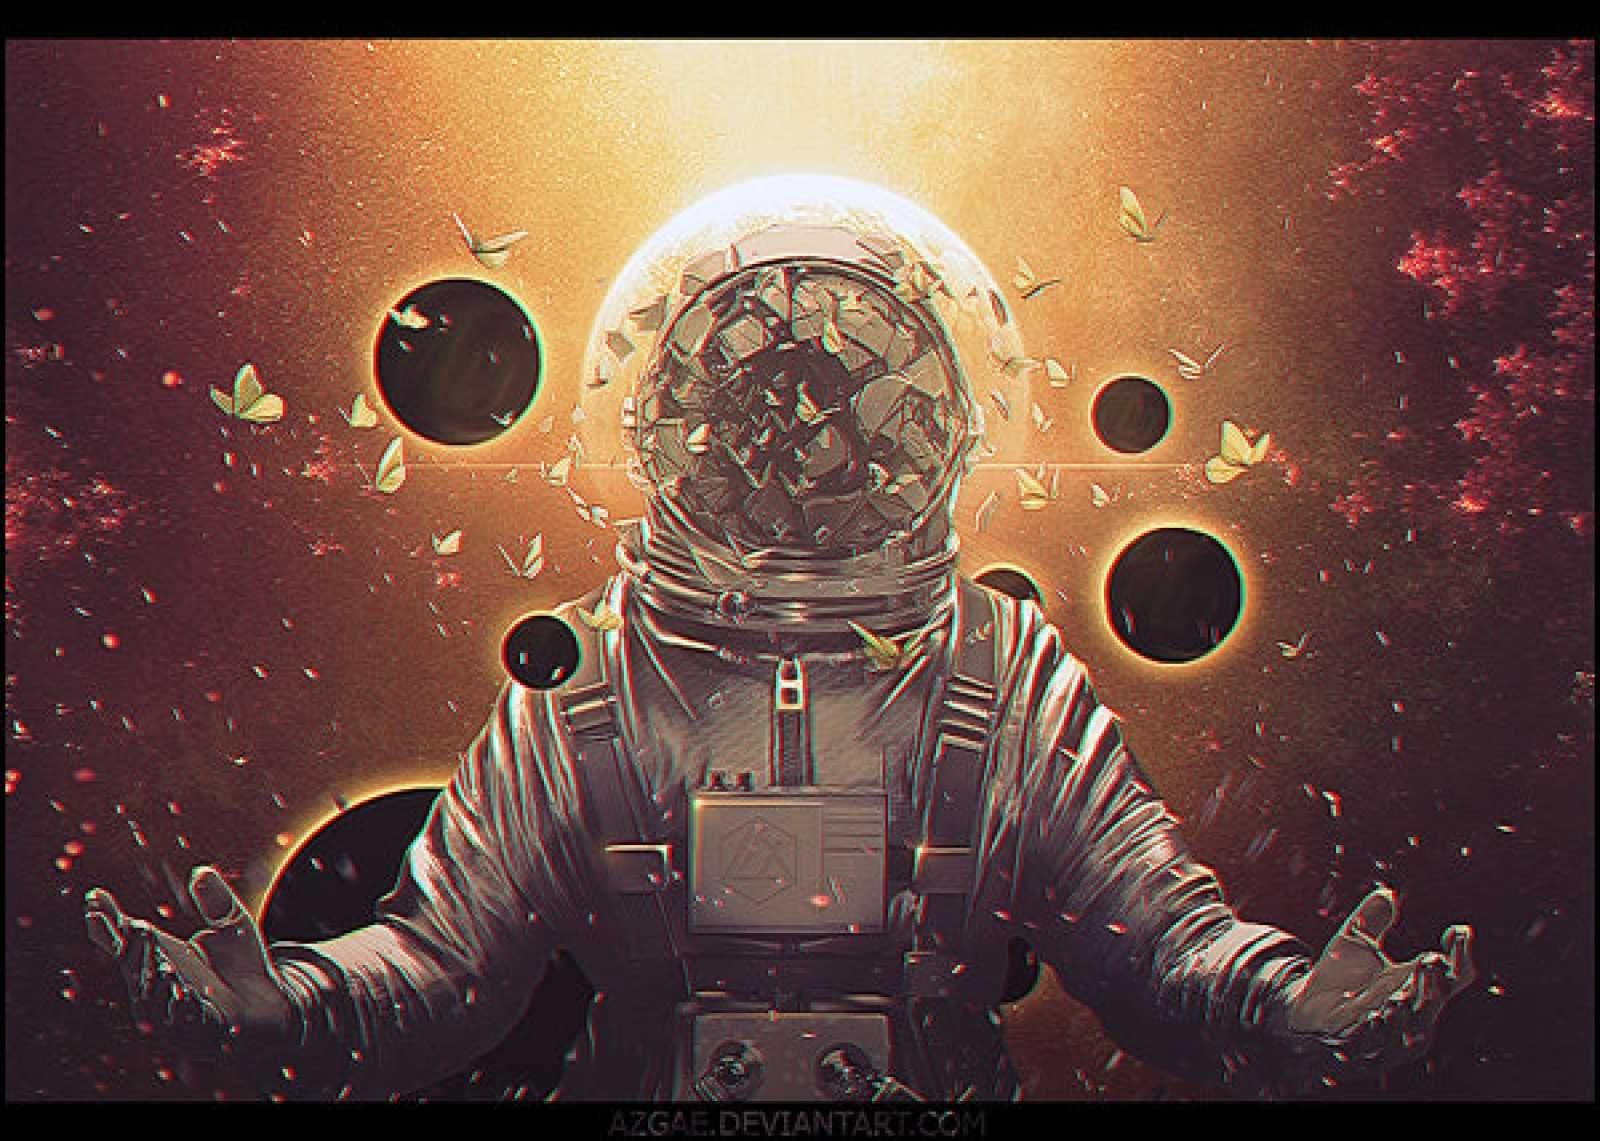 таком космос и космонавты арты что